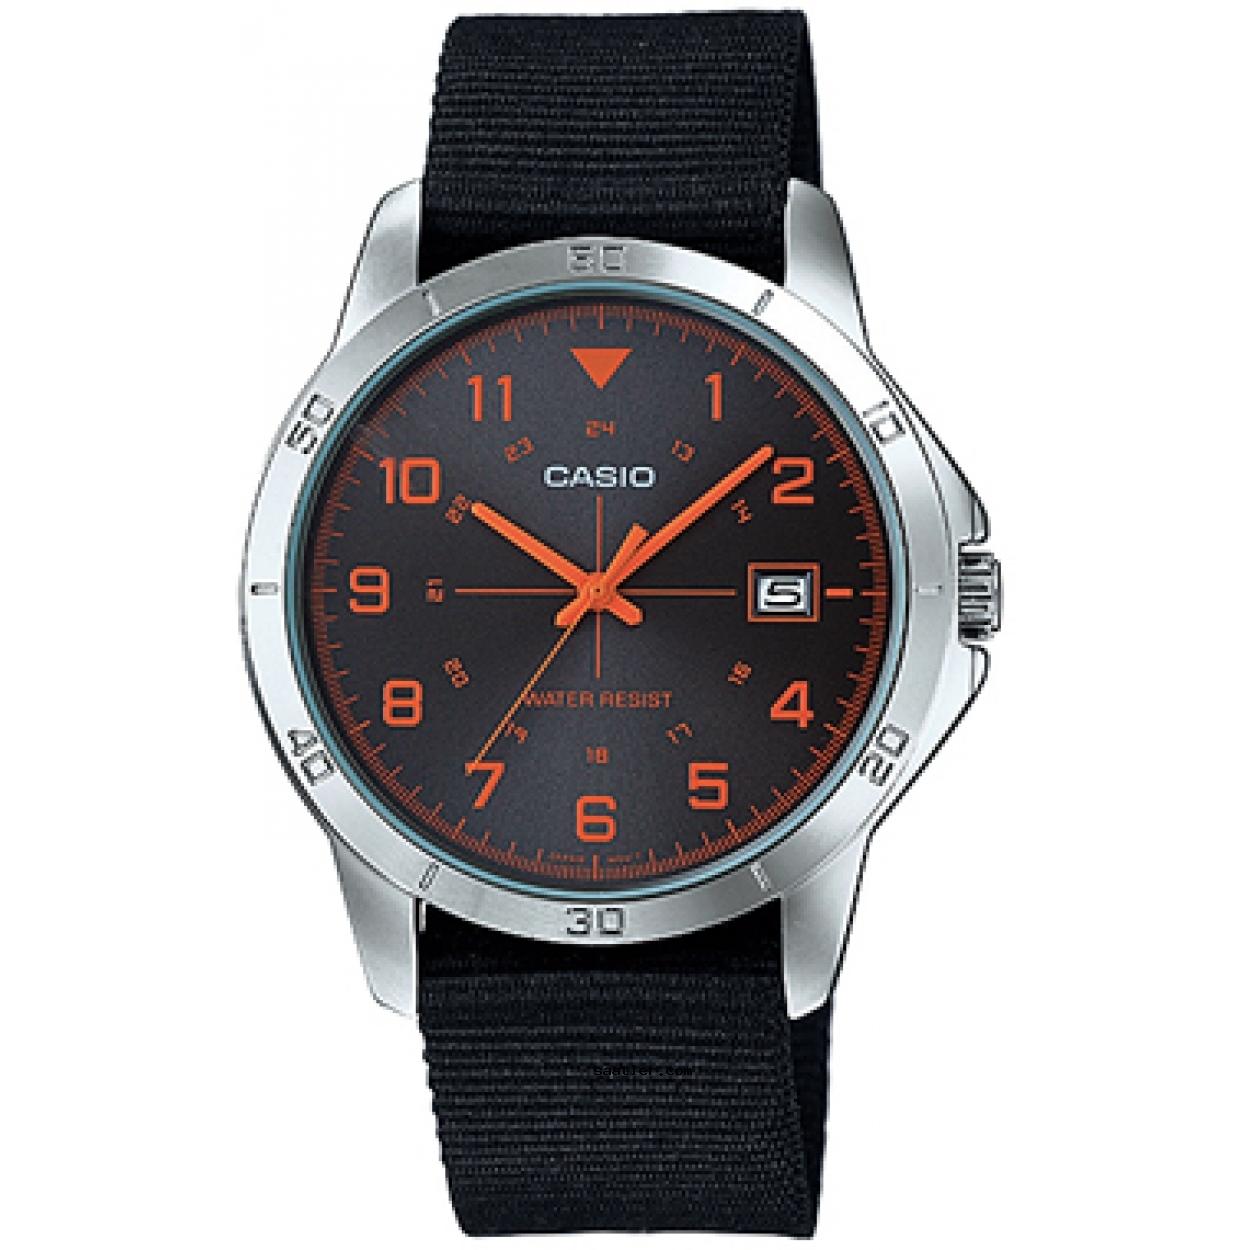 Orologio unisex Casio MTPV008B1